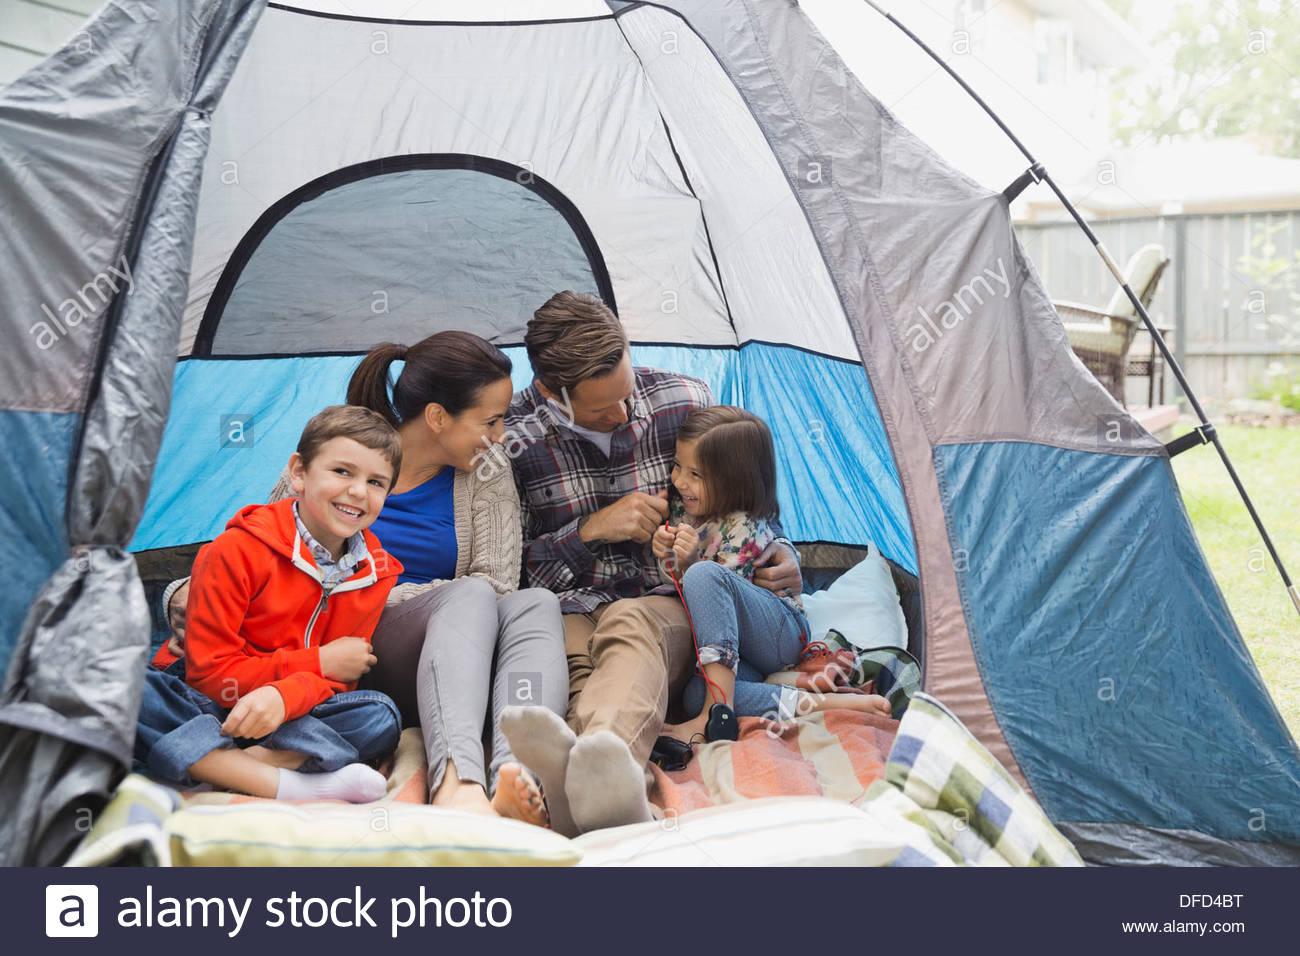 Vierköpfige Familie sitzen zusammen im Zelt Stockbild